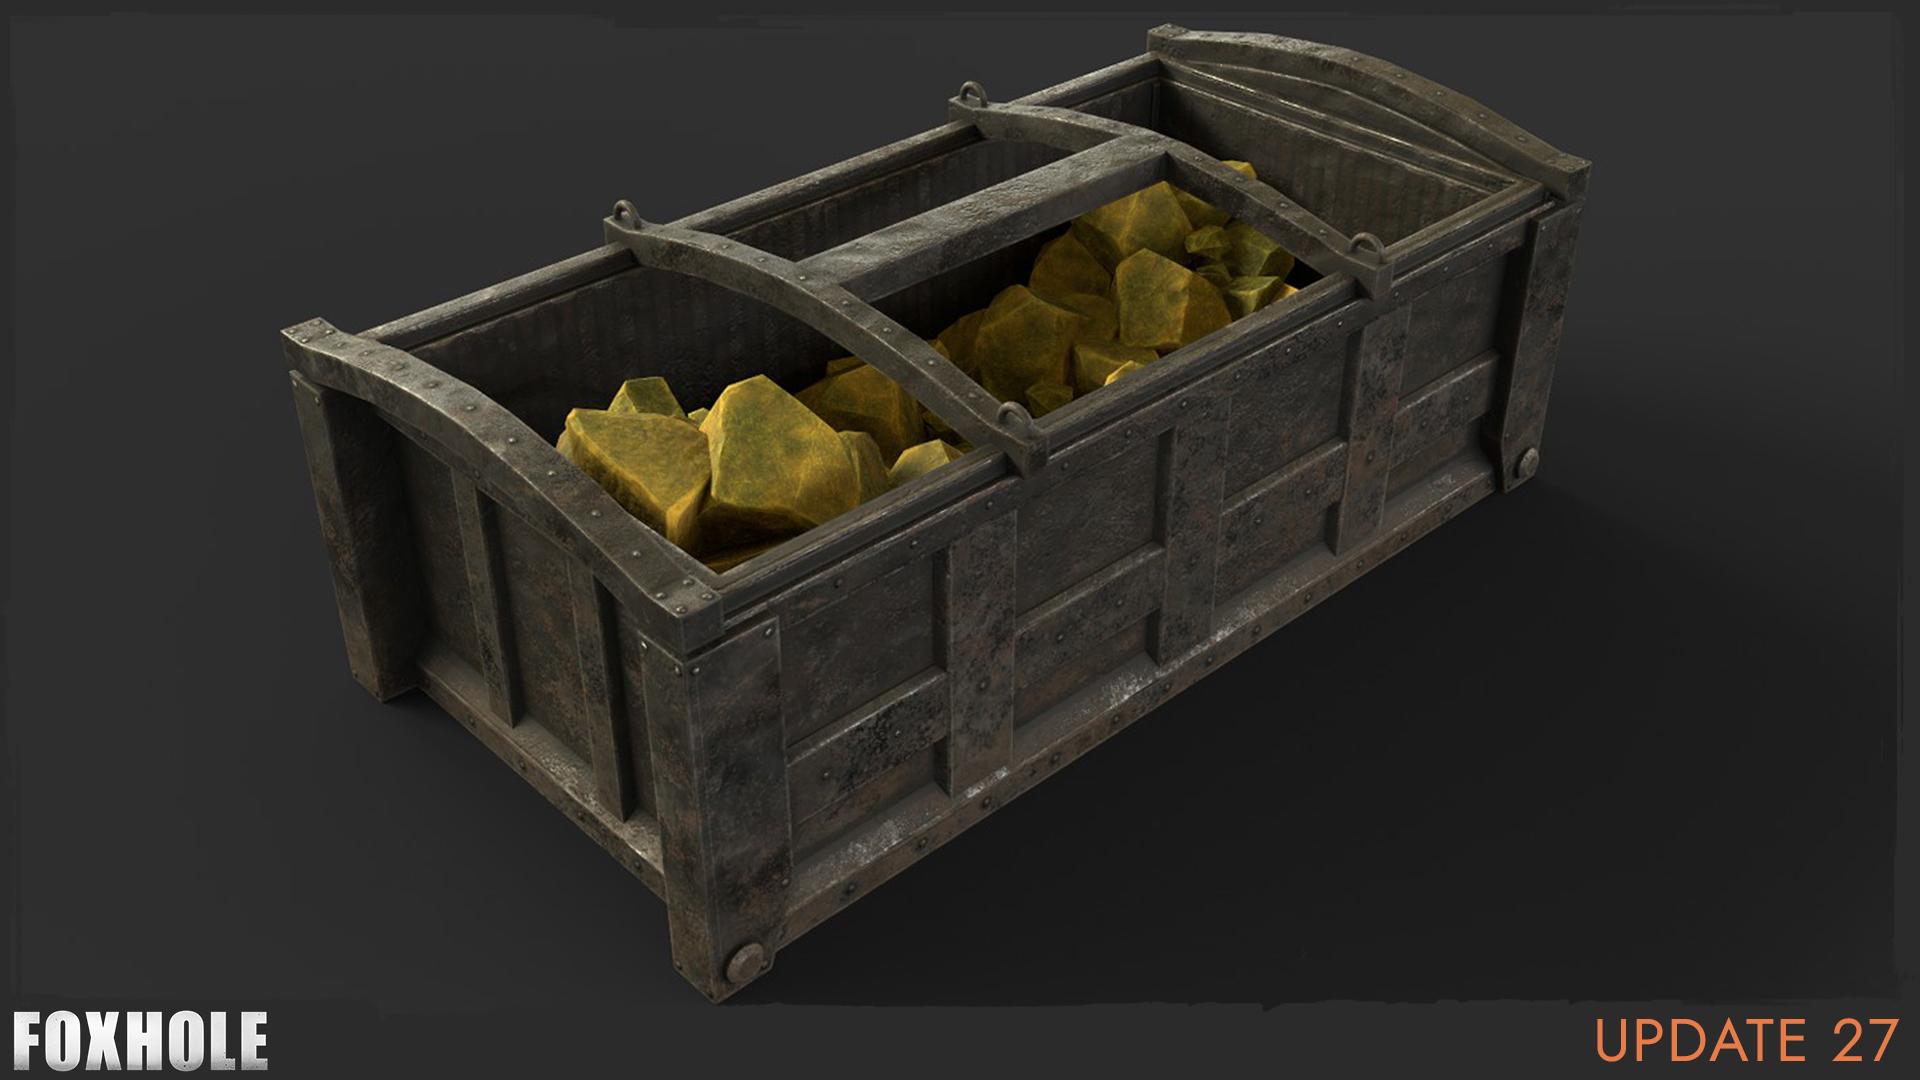 Comunità di Steam :: Foxhole